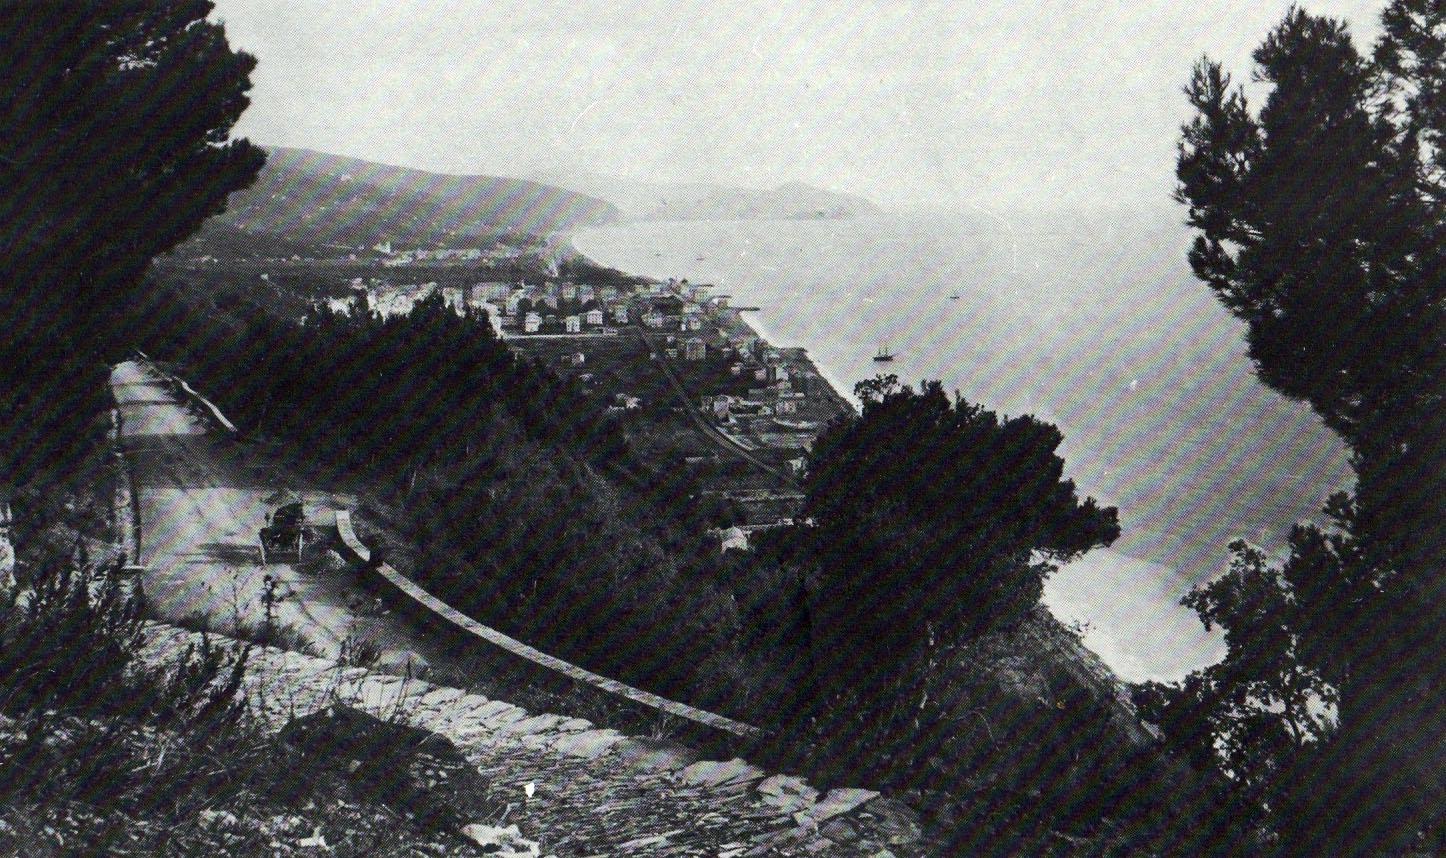 01. Veduta della cittadina di Chiavari, in provincia di Genova, ripresa dalle colline alla fine dell'Ottocento